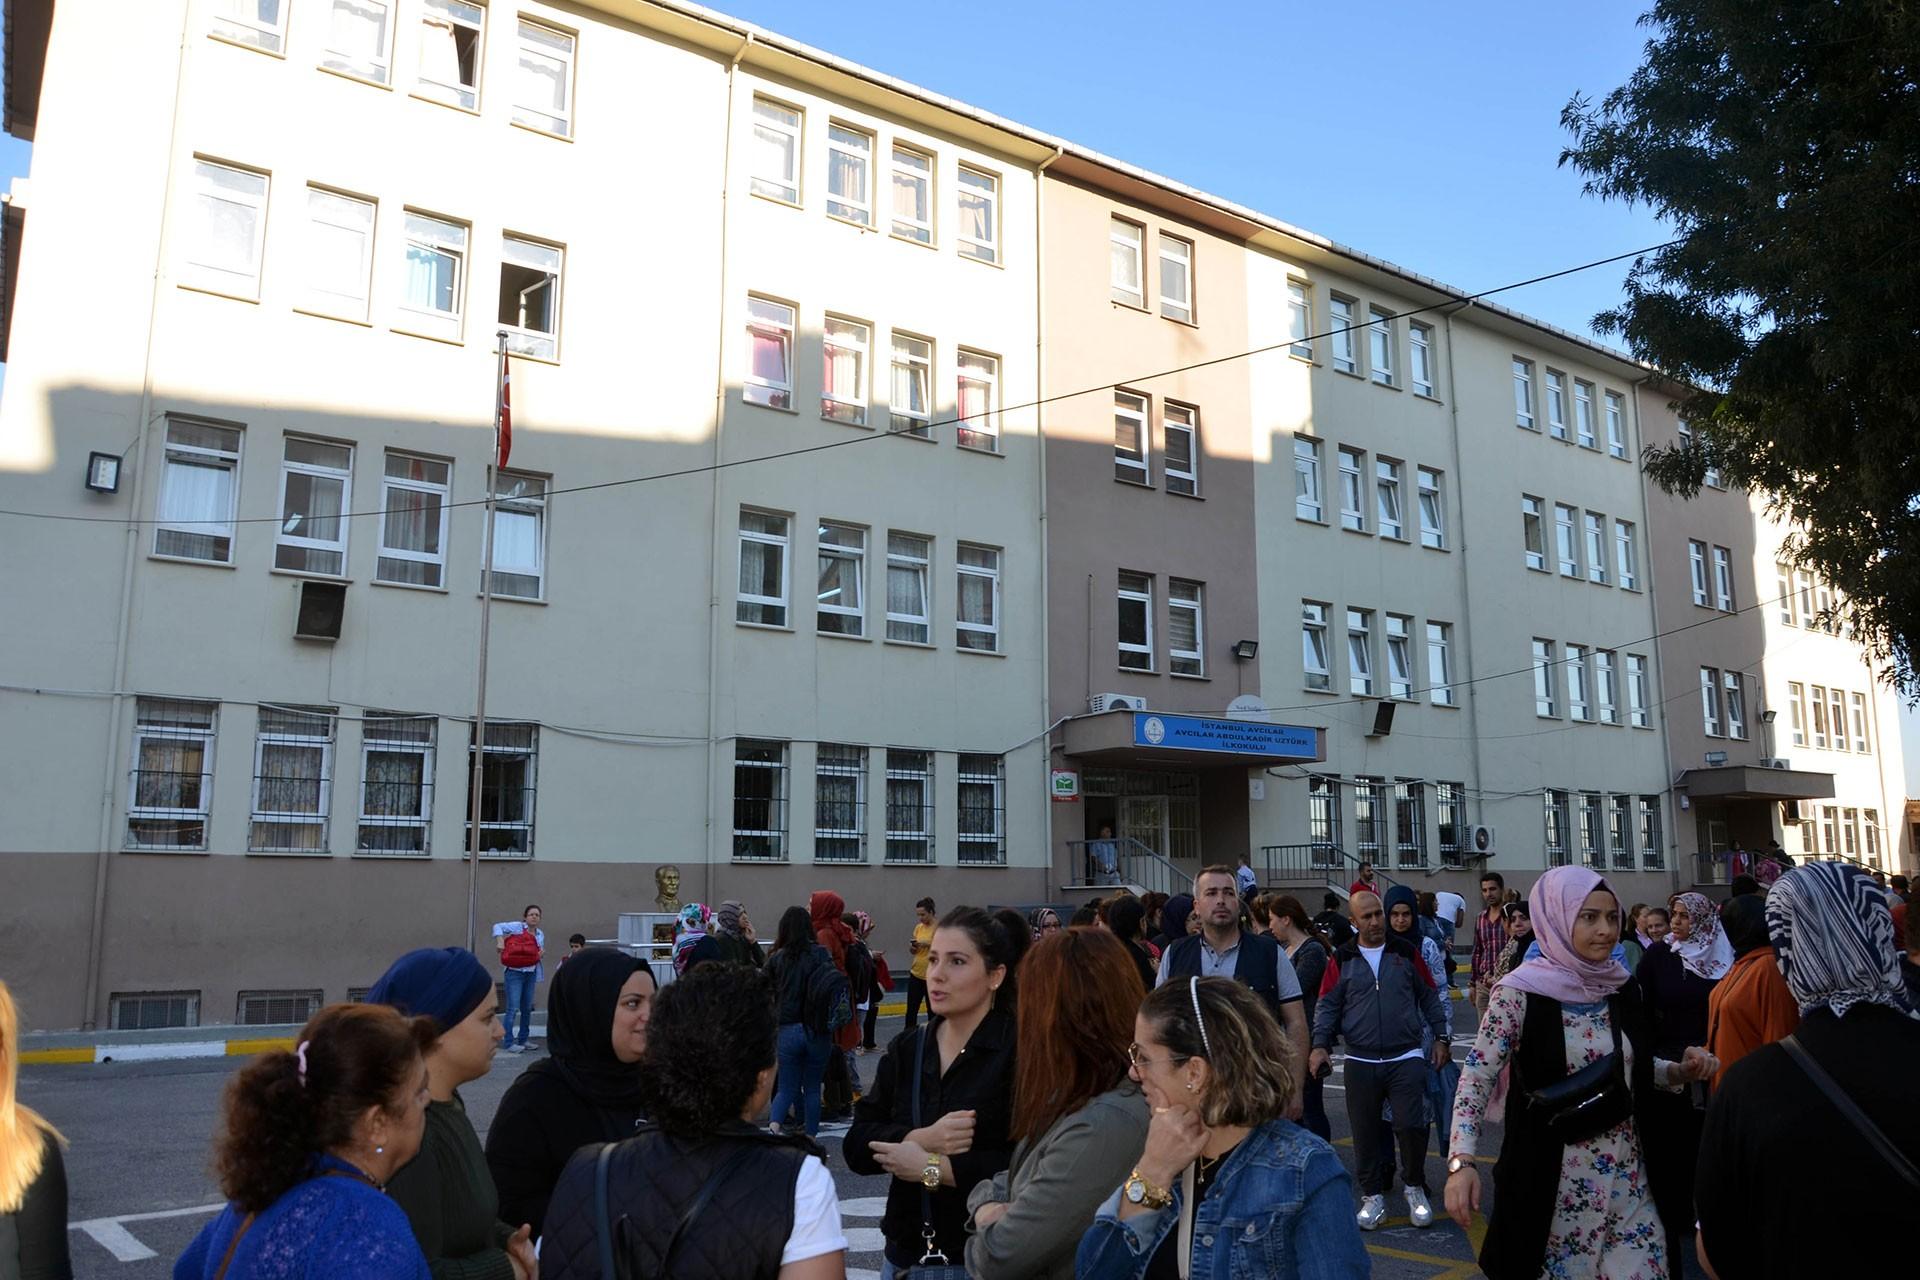 Depremde okulların hasar görmesi sebebiyle mağdur olan öğrenci ve veliler tepkili